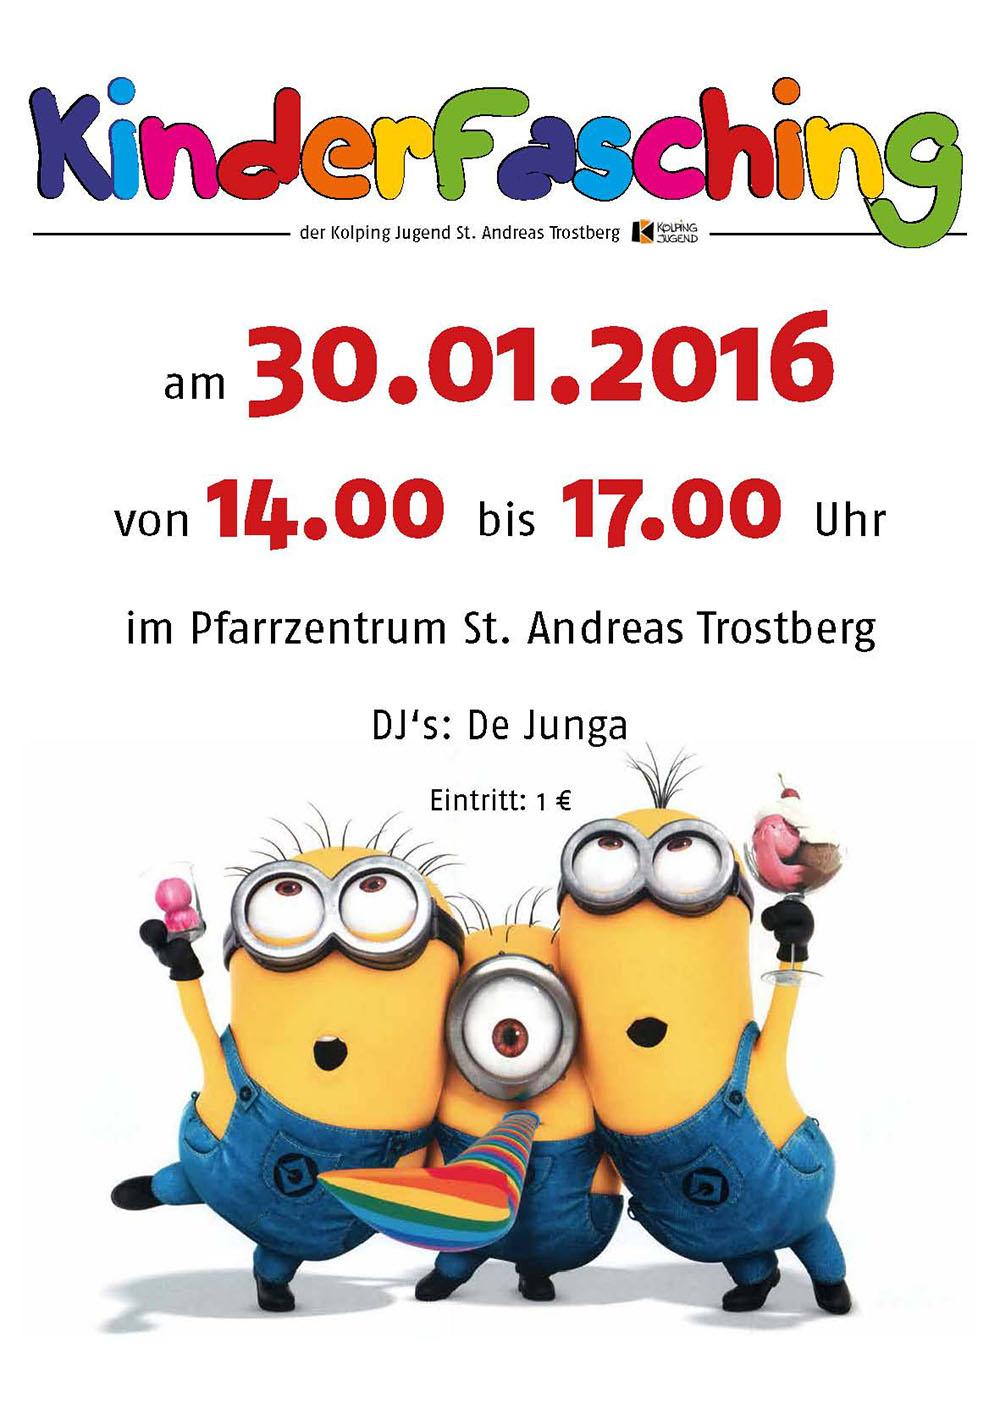 Orgelpfeifer Trostberg 2016 Kinderfasching